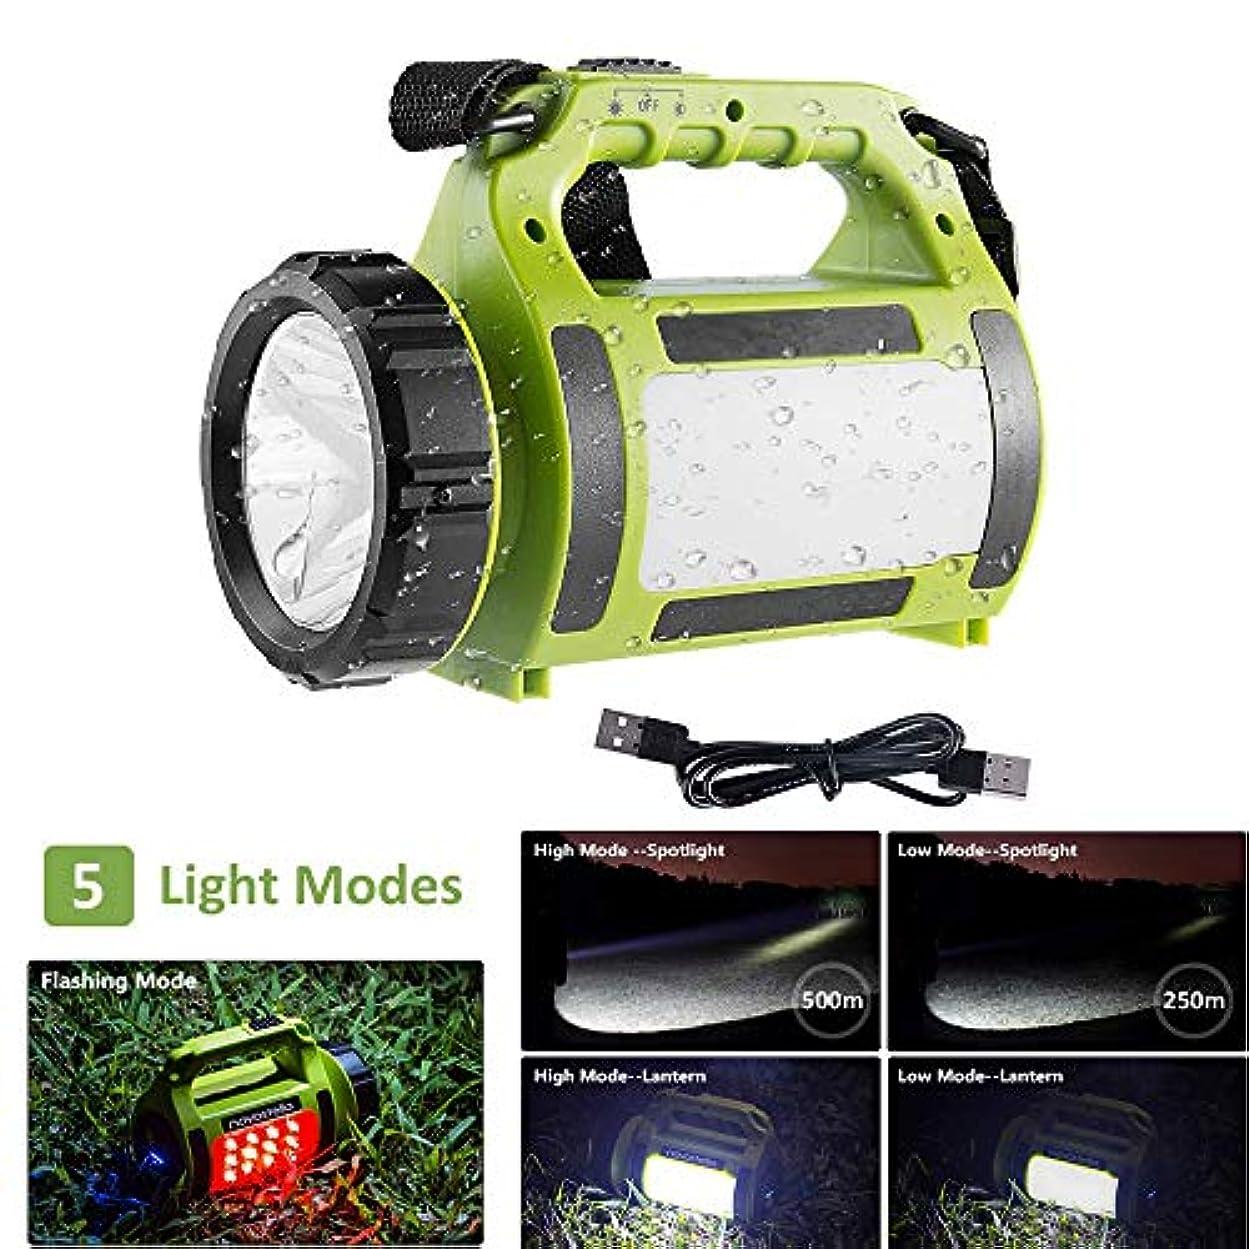 恐怖チーフ南西ポータブル充電式LEDトーチ、多機能キャンプライト、LEDサーチライト防水スポットライト、非常ランプ軽量のランタン650lm、アウトドア用ハイキング